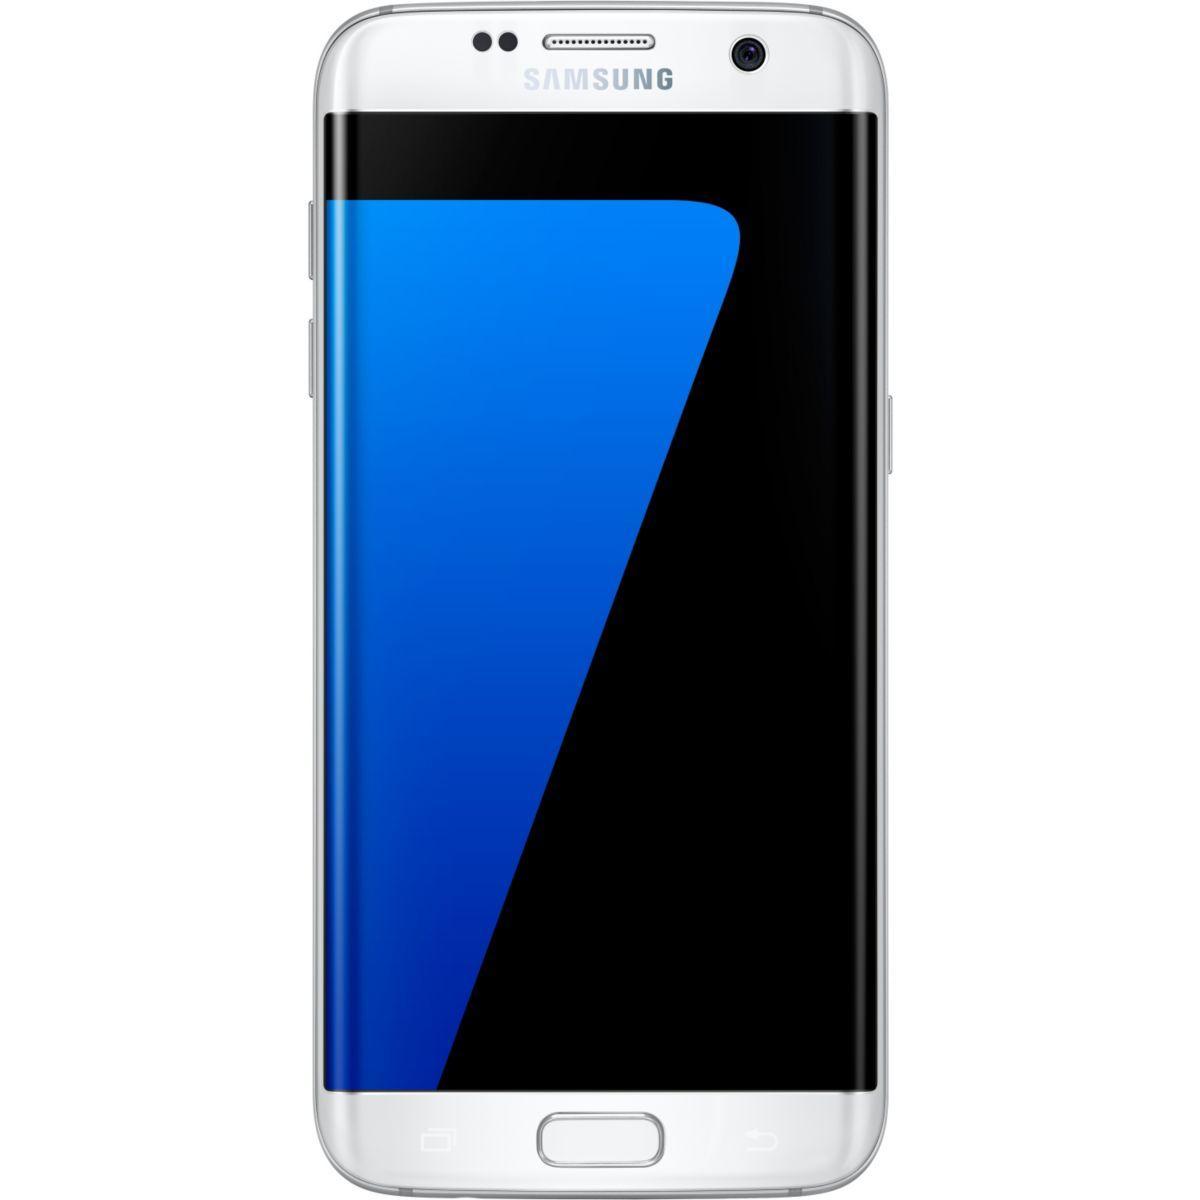 Pack promo smartphone samsung galaxy s7 edge 32go blanc + coque samsung transparente galaxy s7 edge silver transparente - soldes et bonnes affaires à